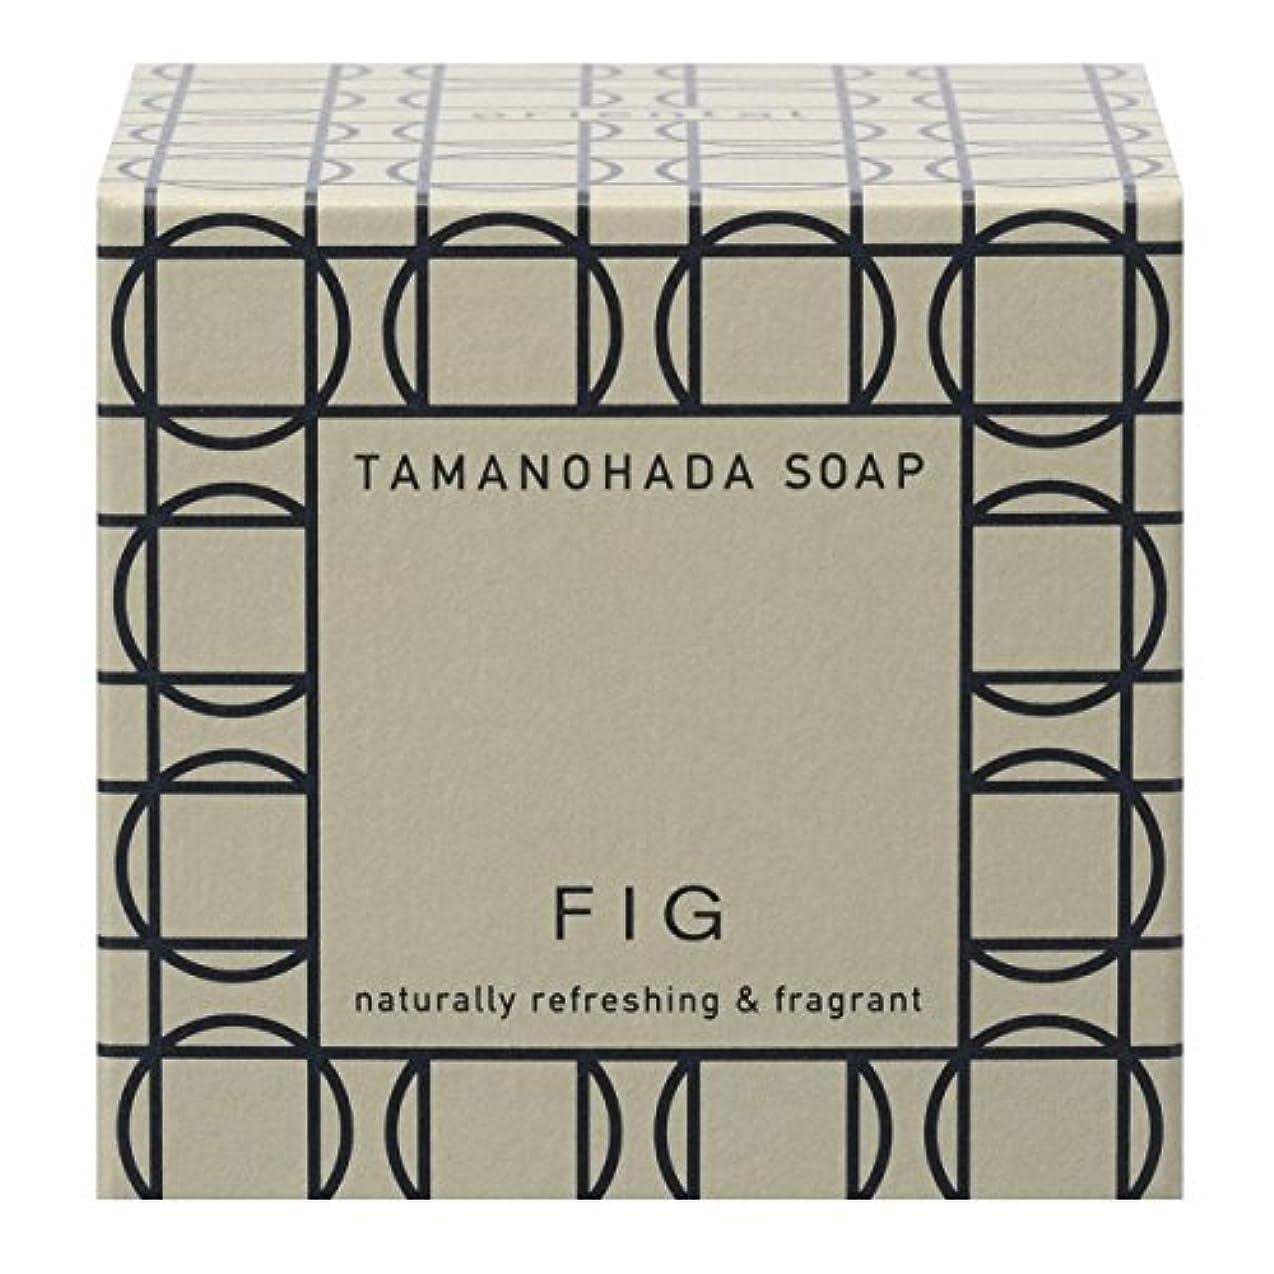 誇りに思う限りなく消毒するタマノハダ ソープ 005 フィグ 125g